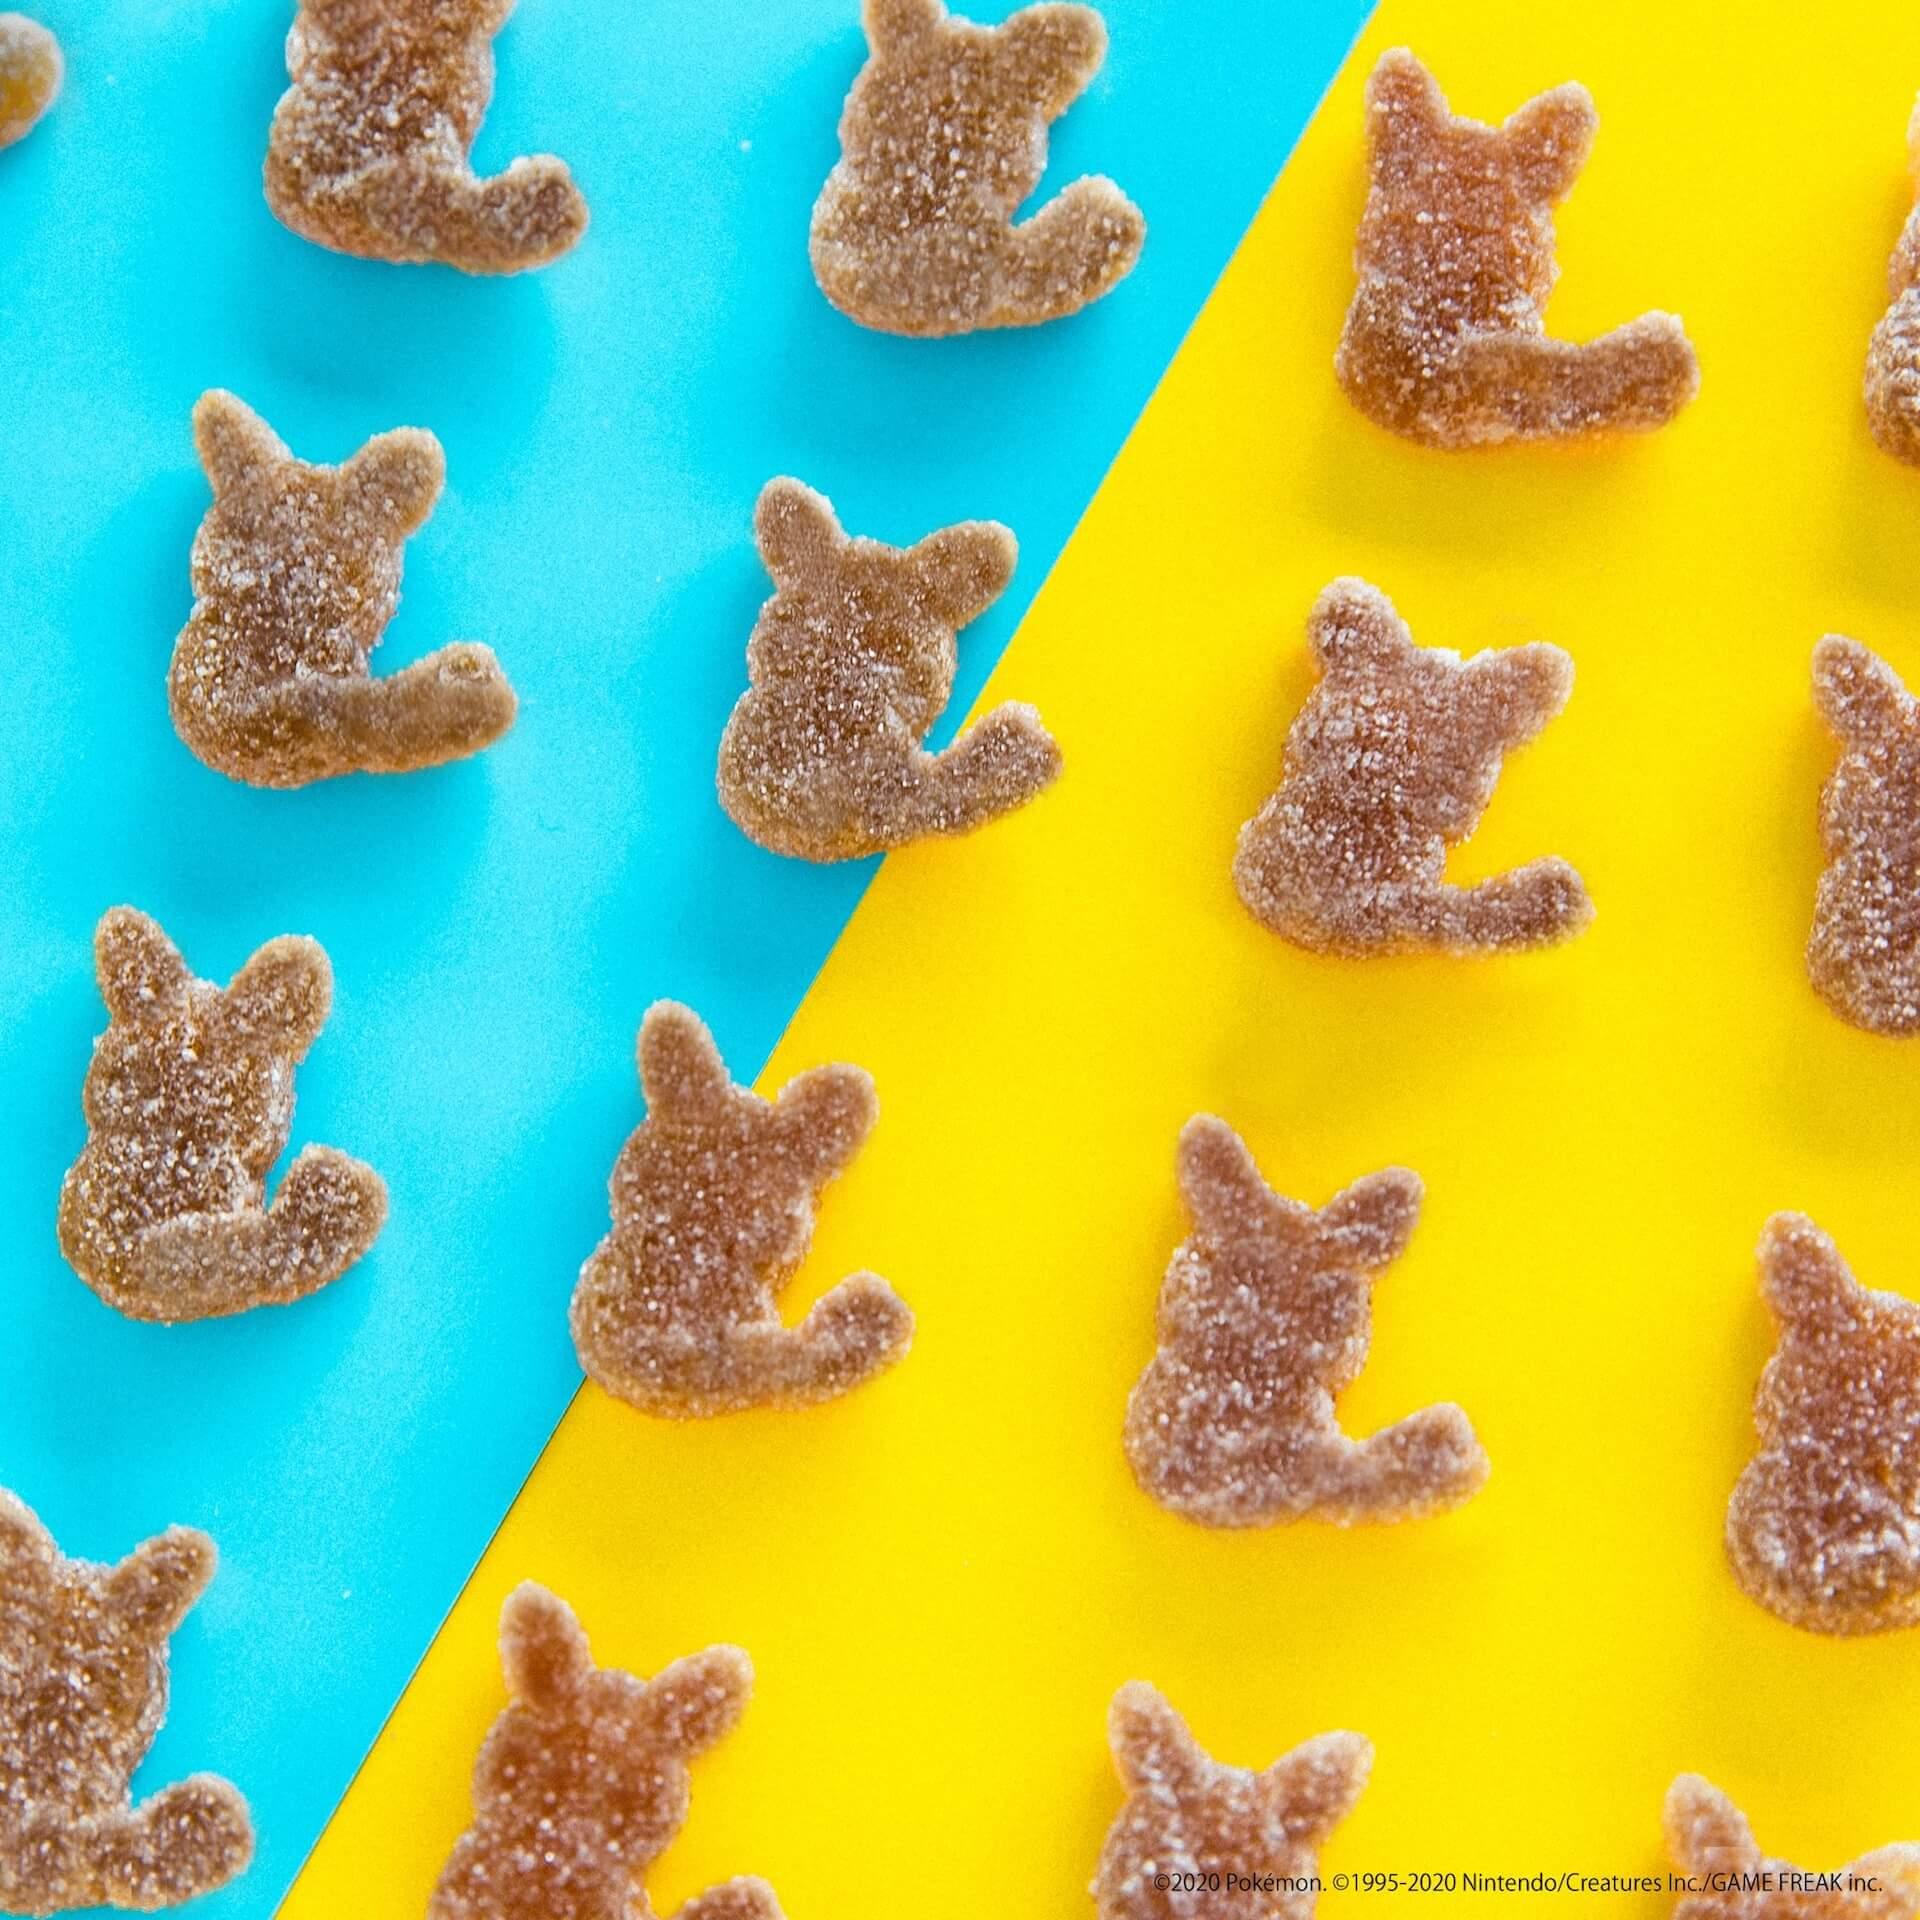 超キュートなピカチュウのグミがたくさん!大好評の「ピカチュウ ピュレグミ」第2弾が数量限定発売 gourmet200714_pure_pikachu_2